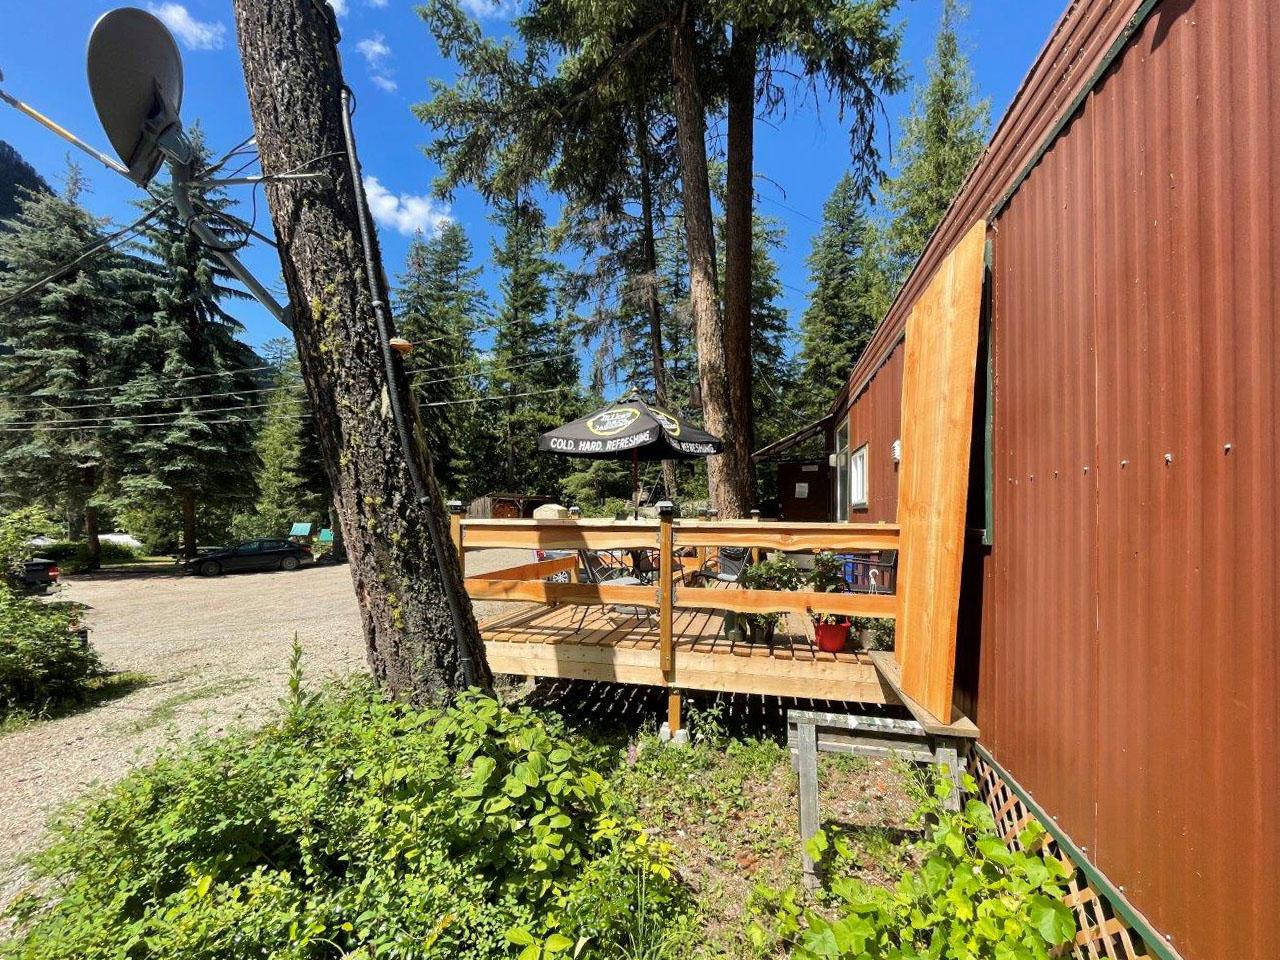 Echo lake resort 34